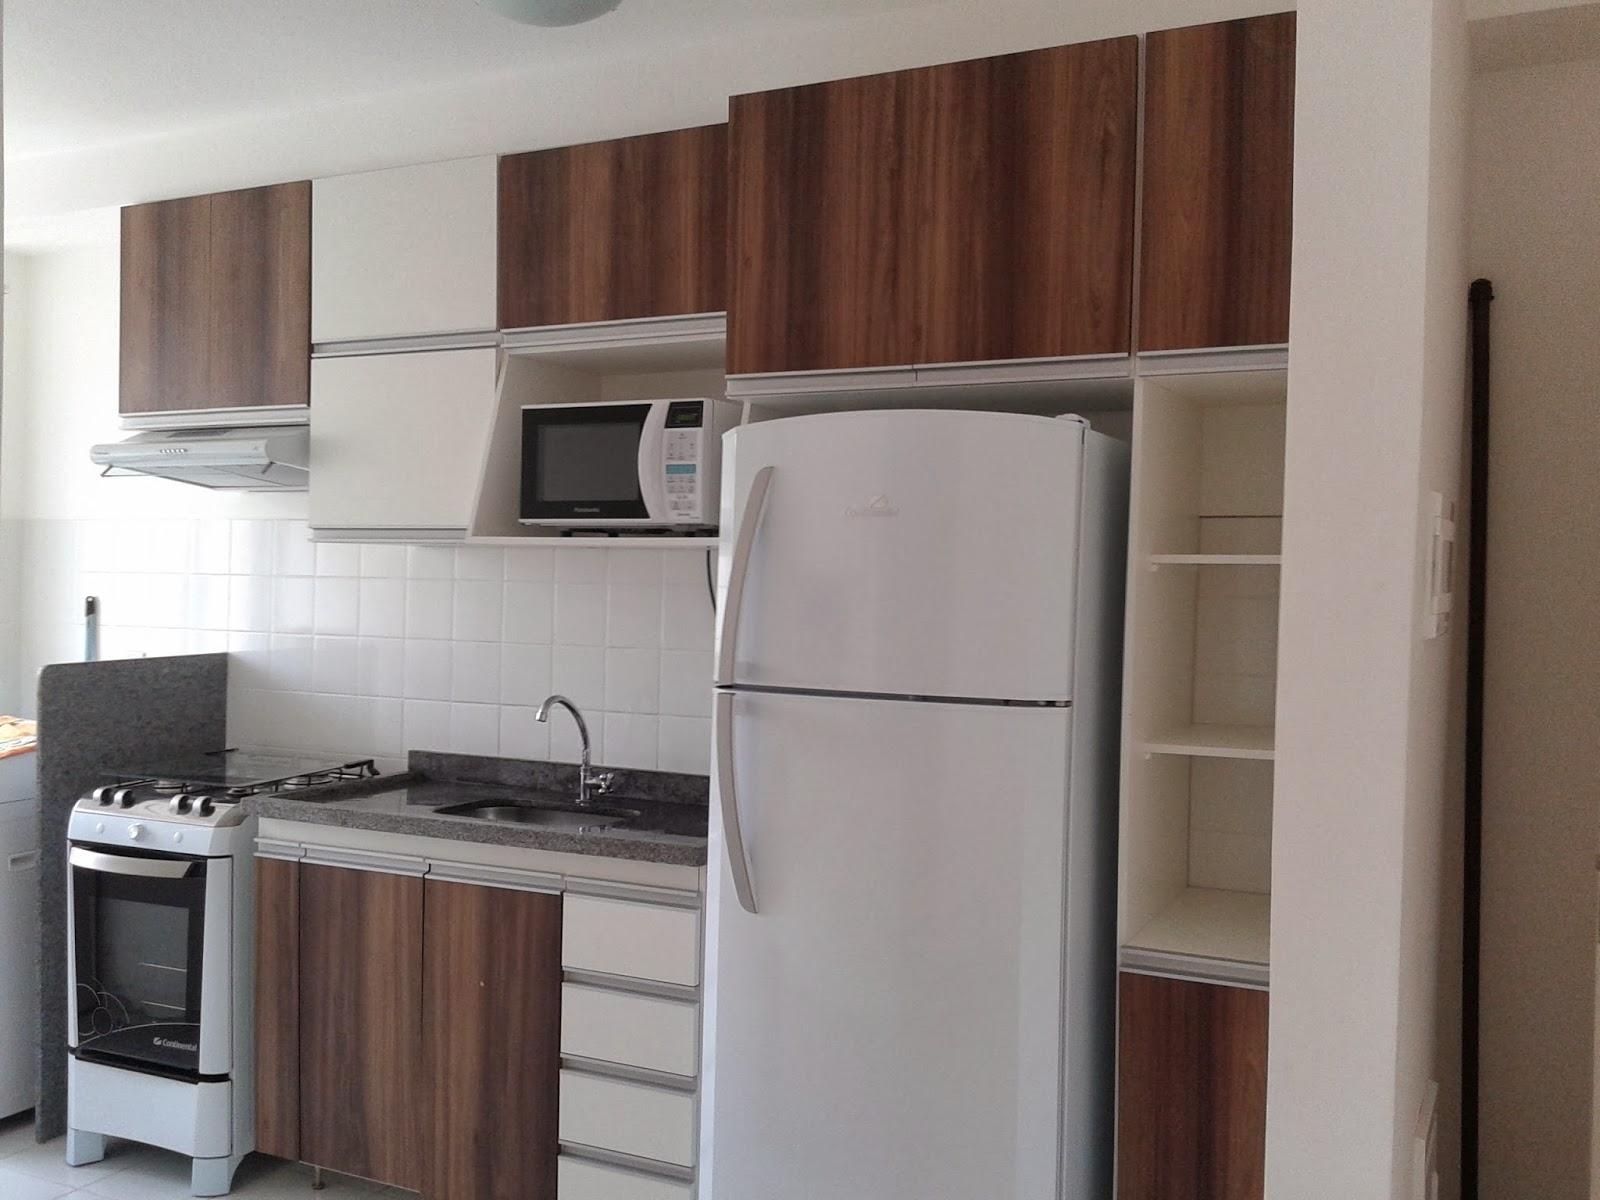 wdplanejados Mais um Projeto de Cozinha para Apartamento Completo Armário  # Armario De Cozinha Completo Extra